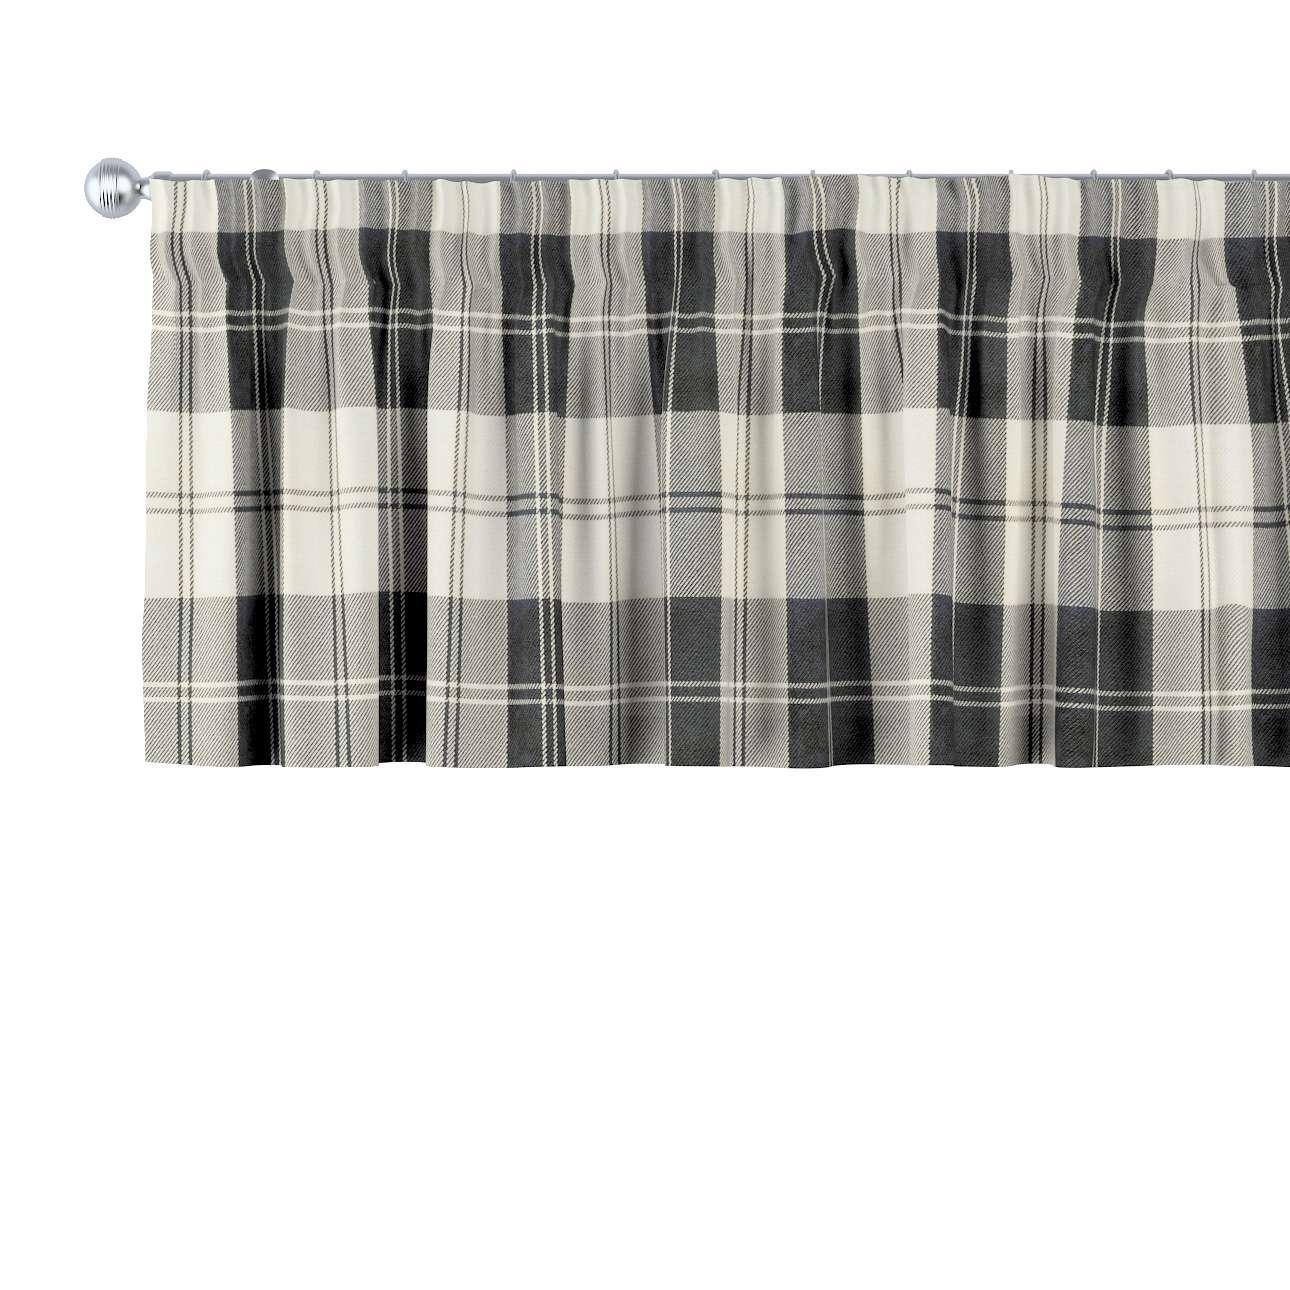 Gardinkappe med rynkebånd 130 × 40 cm fra kollektionen Edinburgh, Stof: 115-74